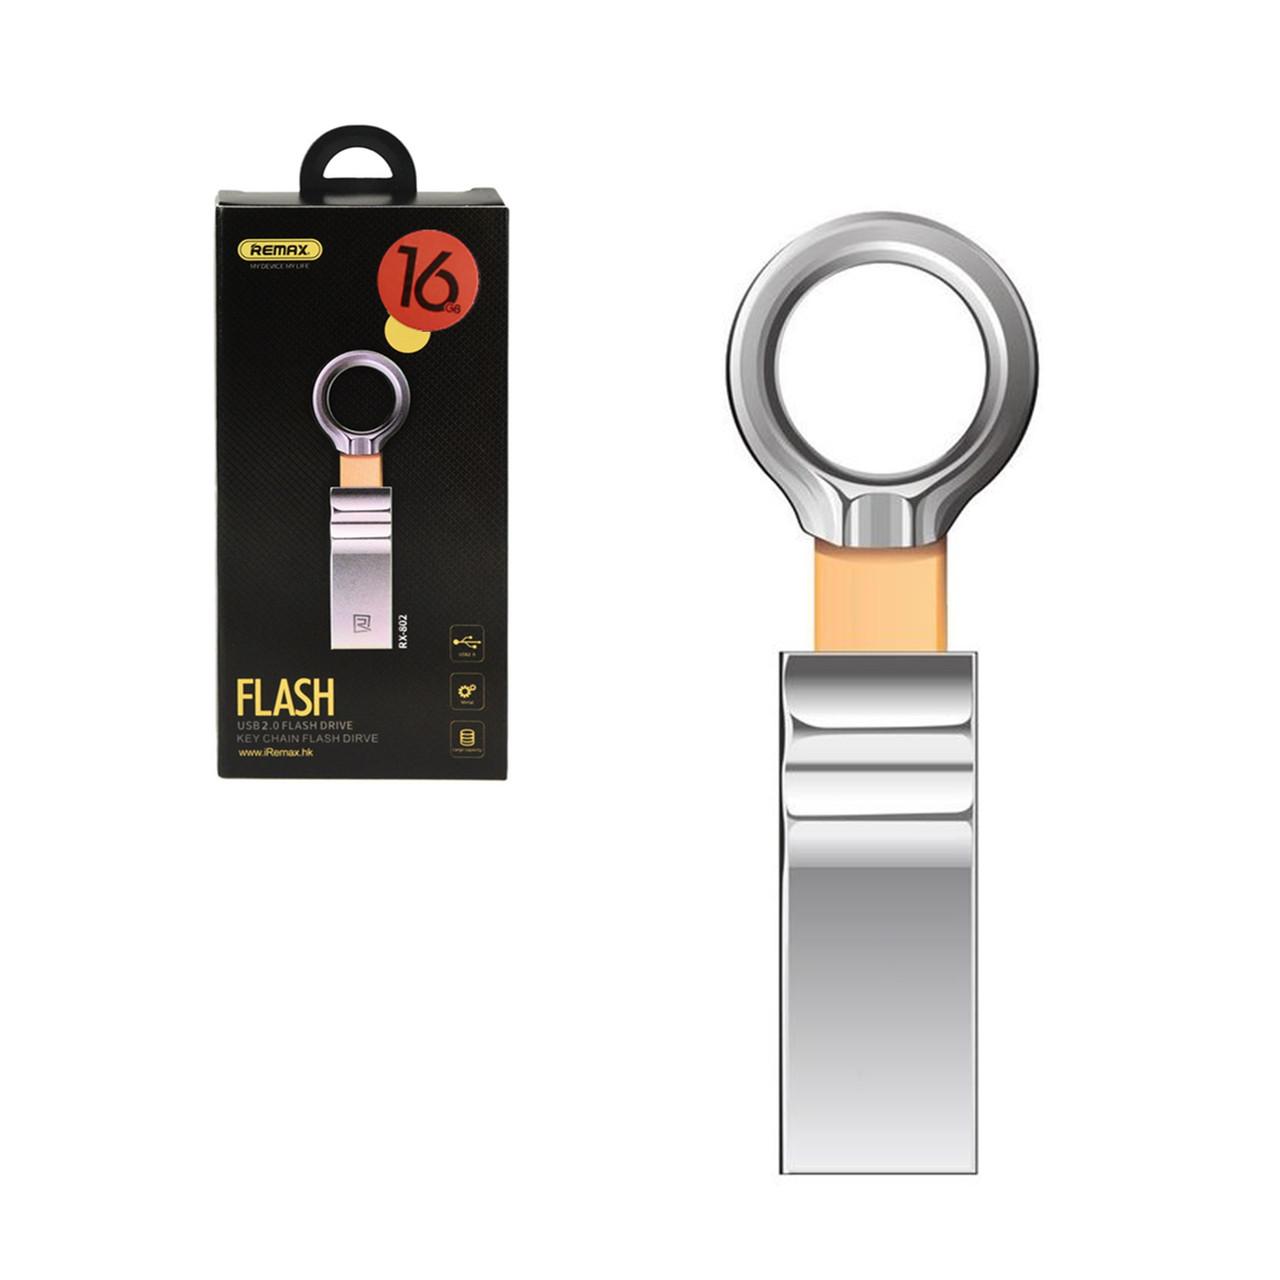 USB Flash 16Gb Remax RX-802 USB 2.0 Silver